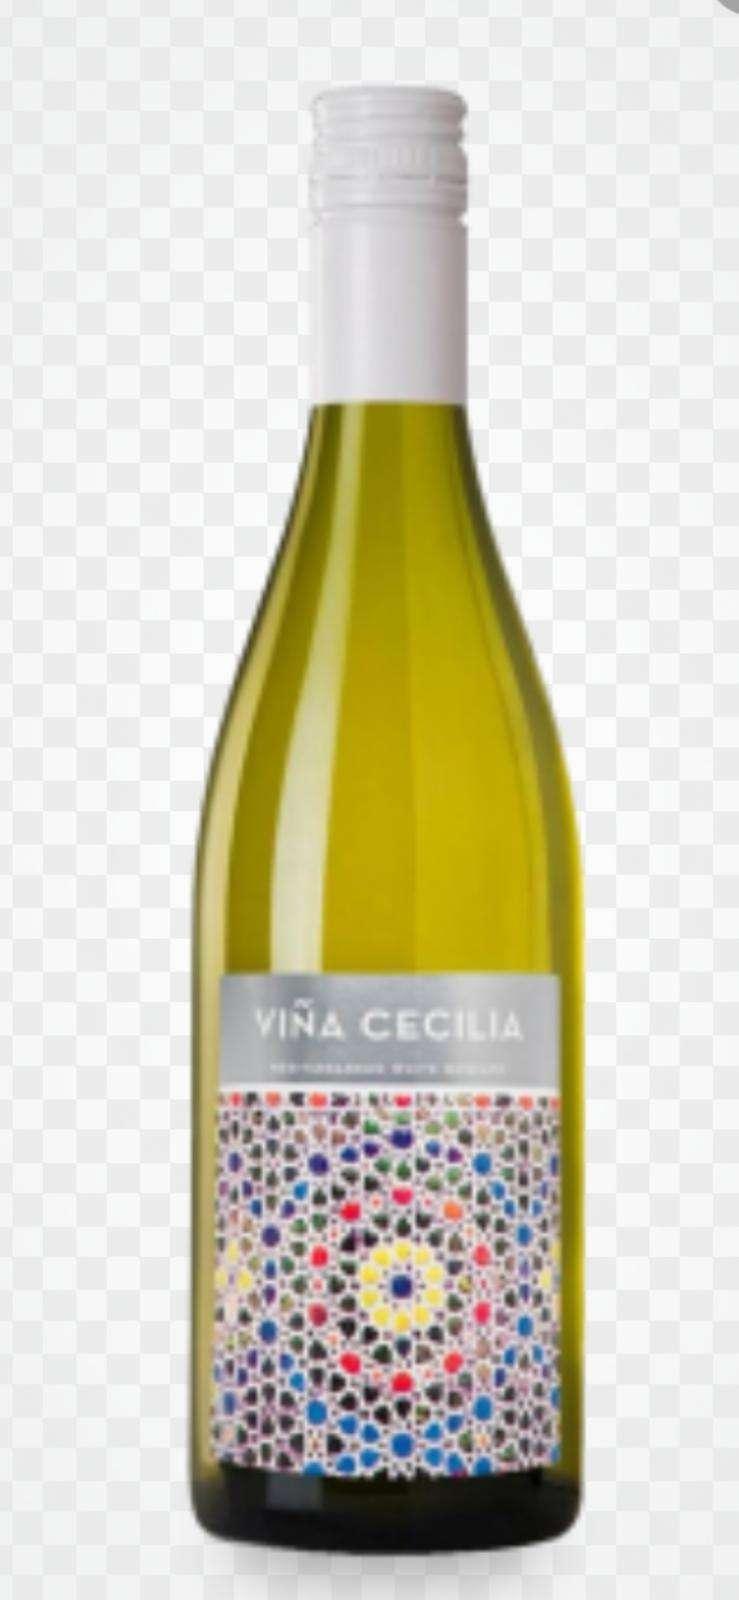 Viña Cécilia Blanc de Blanc Brut 0,75L